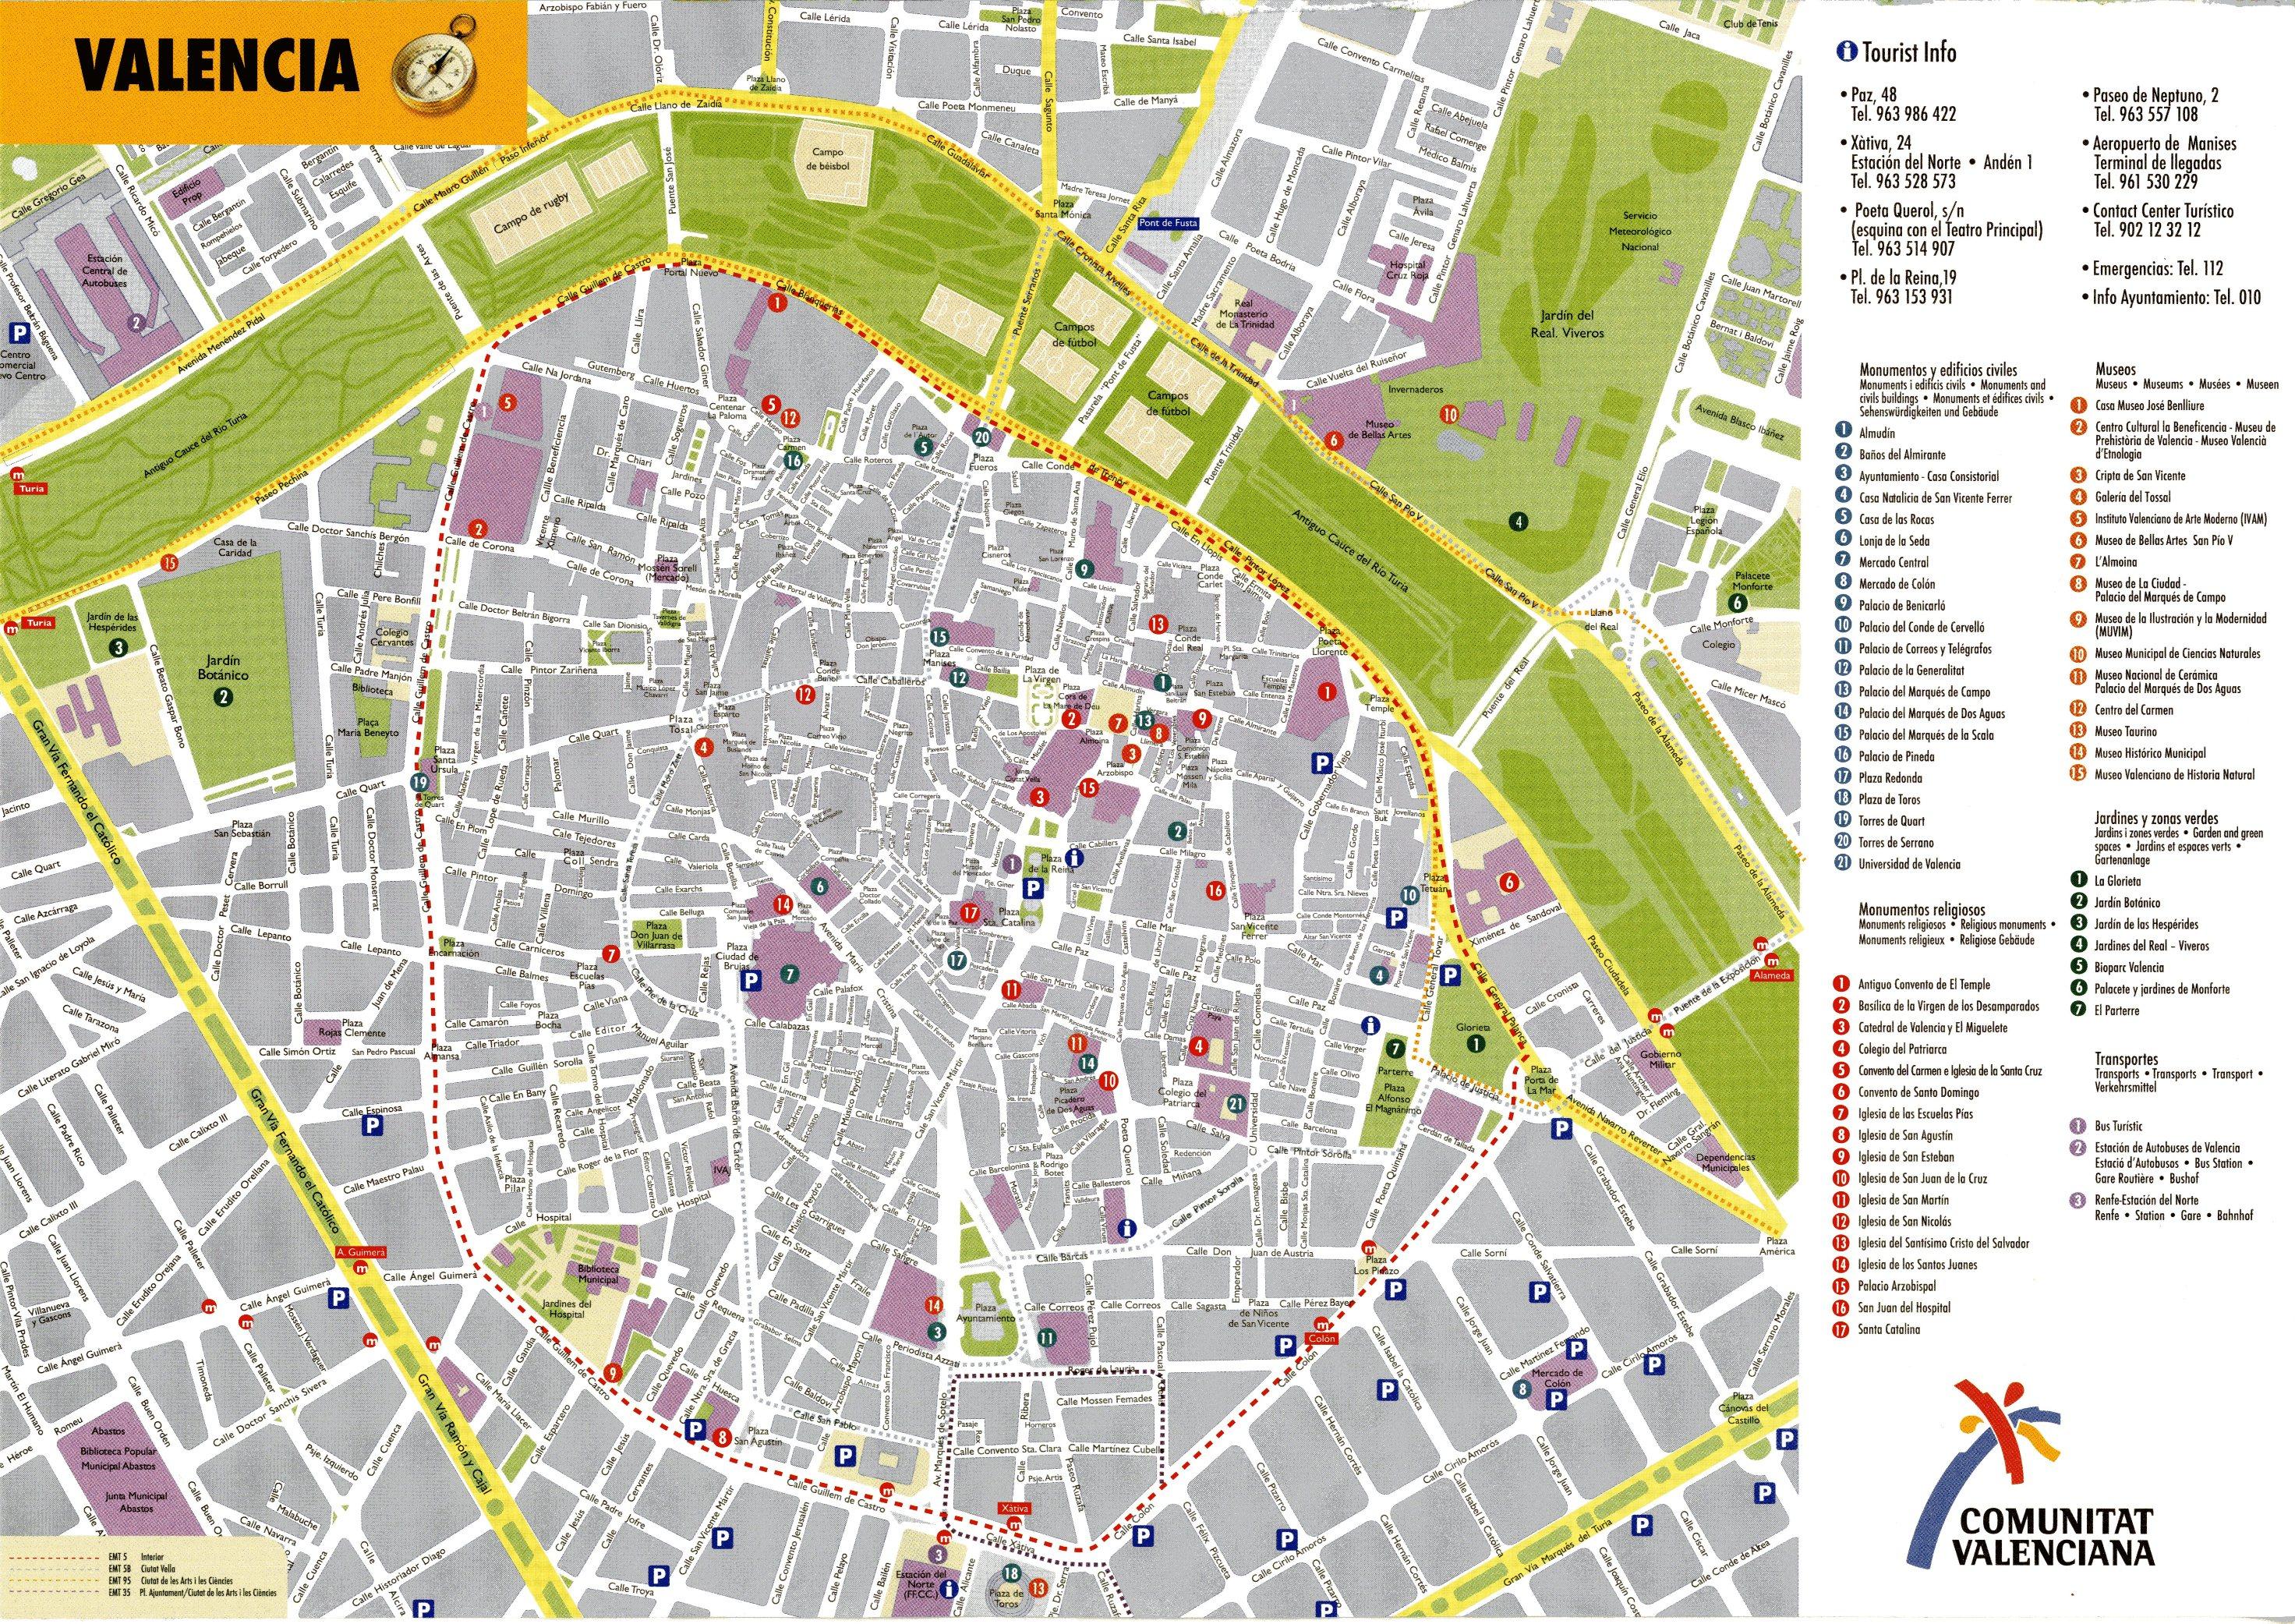 Arte callejero en valencia i street art in valencia i for Codigo postal calle salamanca valencia